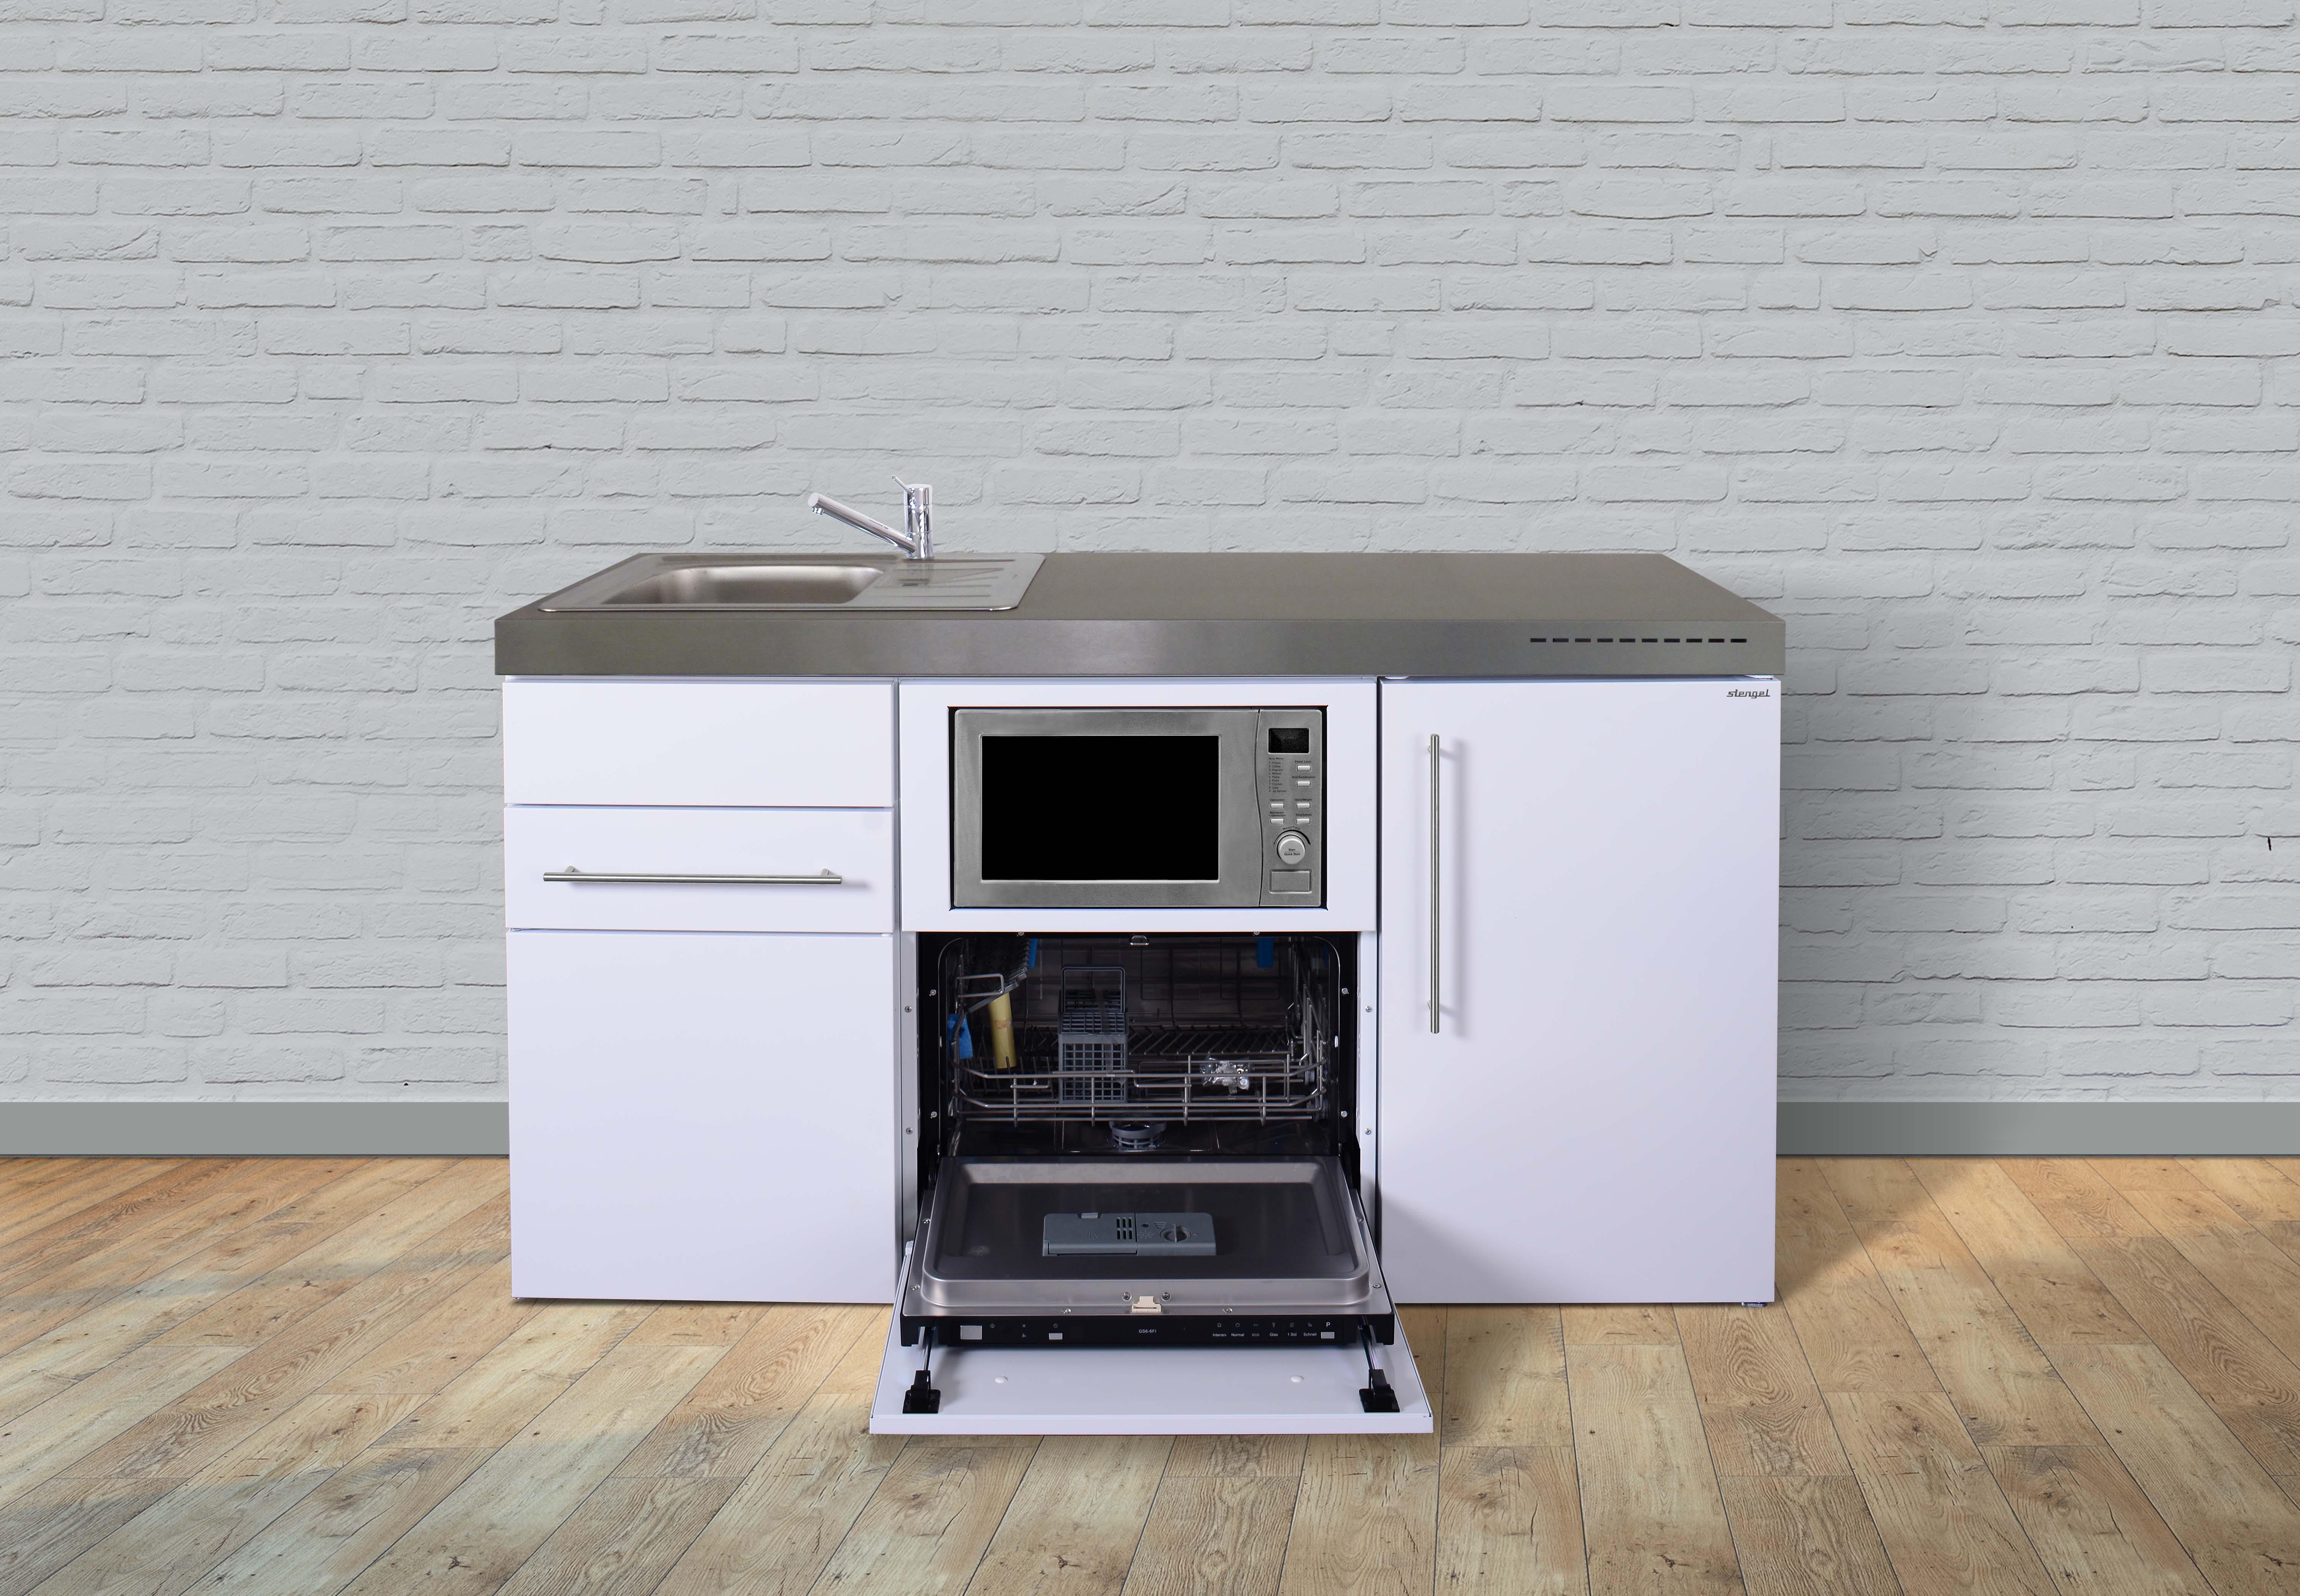 Miniküche Mit Ceranfeld Ohne Kühlschrank : Stengel miniküche premiumline mpgsm miniküchen online